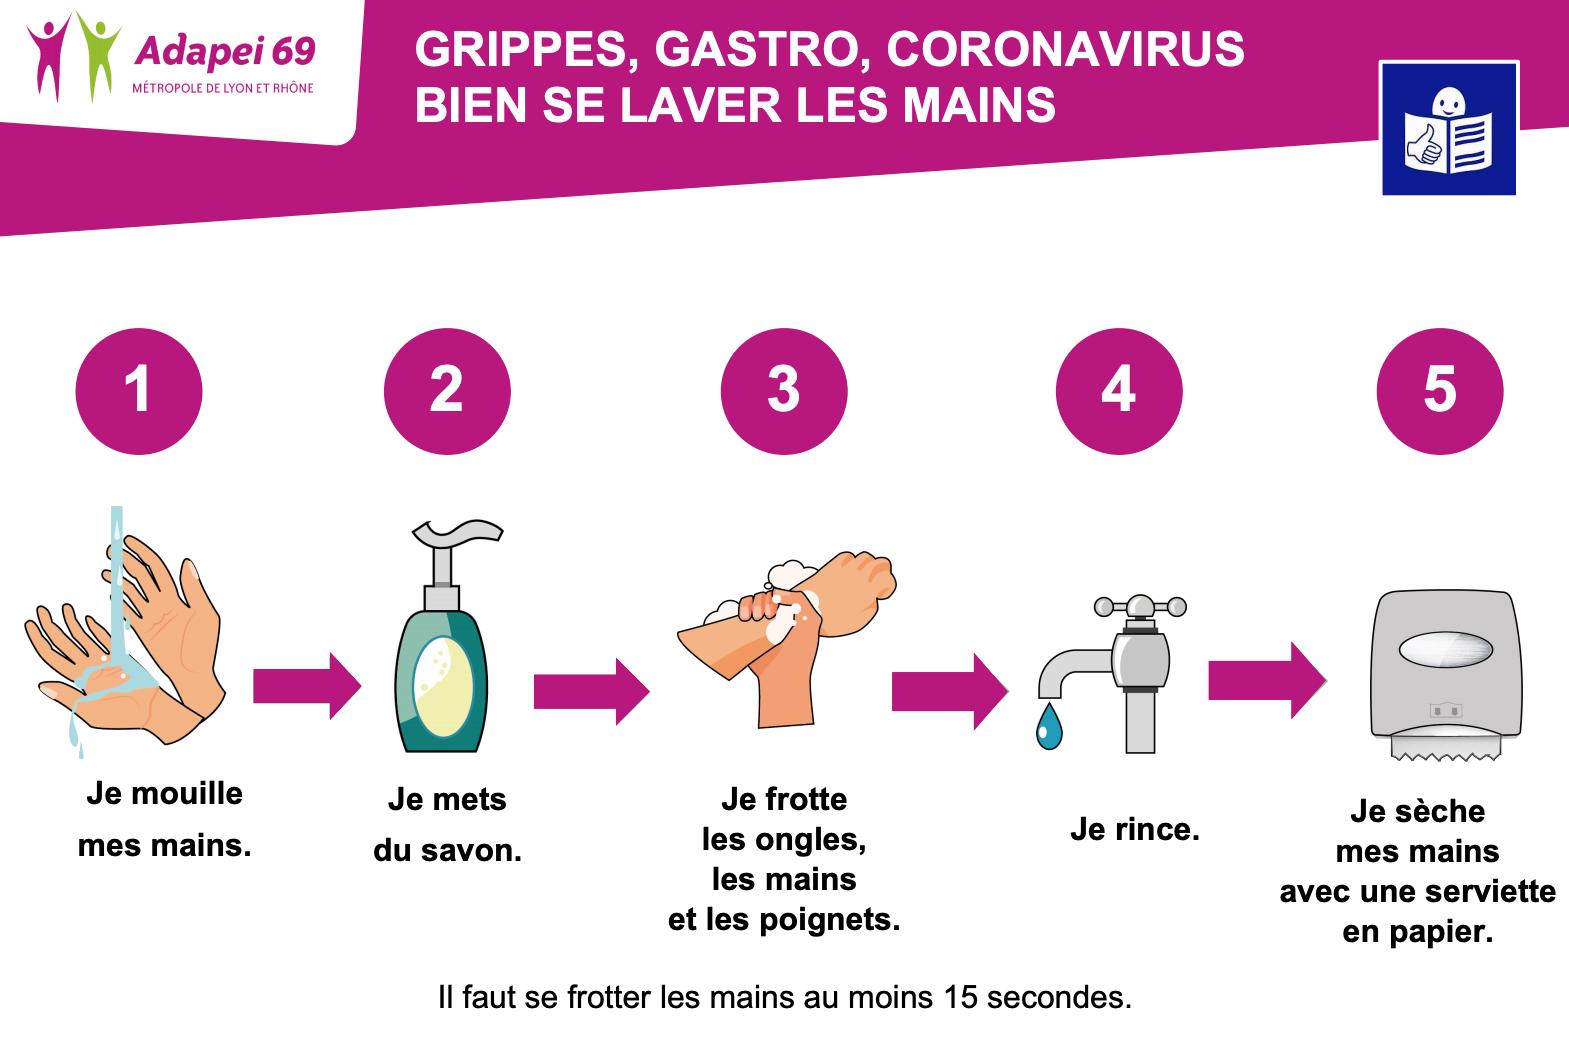 Handicap cognitif : le lavage de main en FALC contre le coronavirus